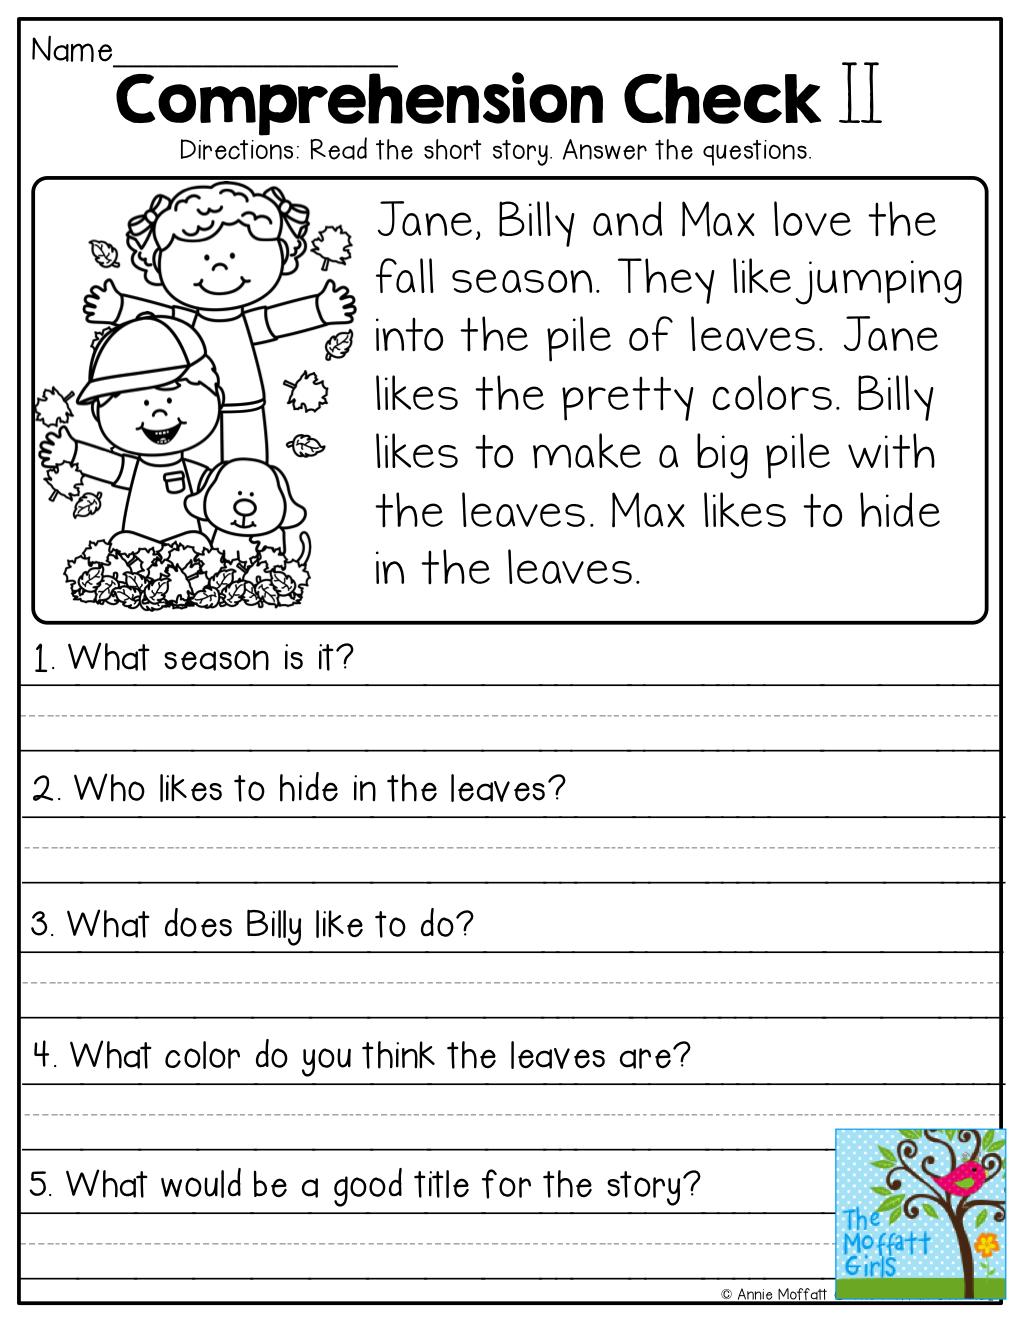 Grade 1 Reading Comprehension